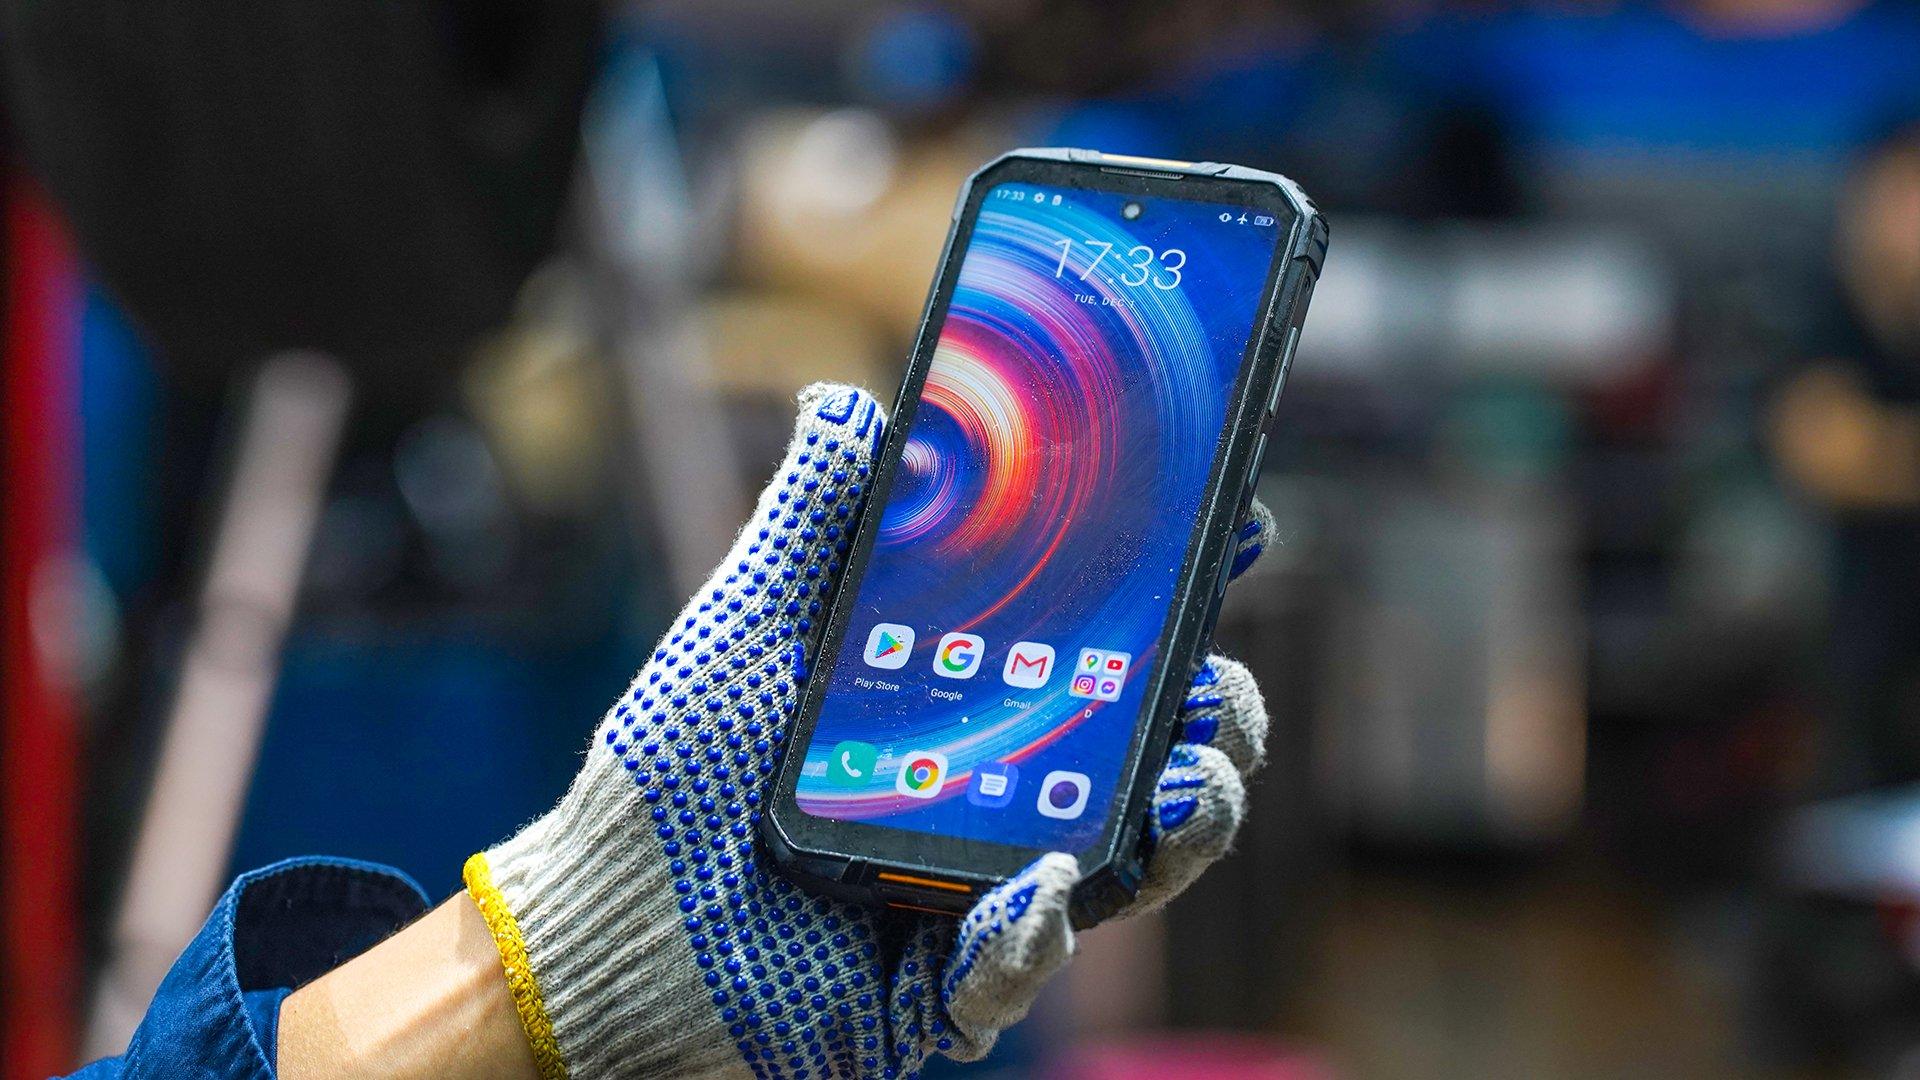 Le Oukitel WP10 5G est un smartphone incassable, parfait pour les bricoleurs ont ceux qui ont un métier à risque.